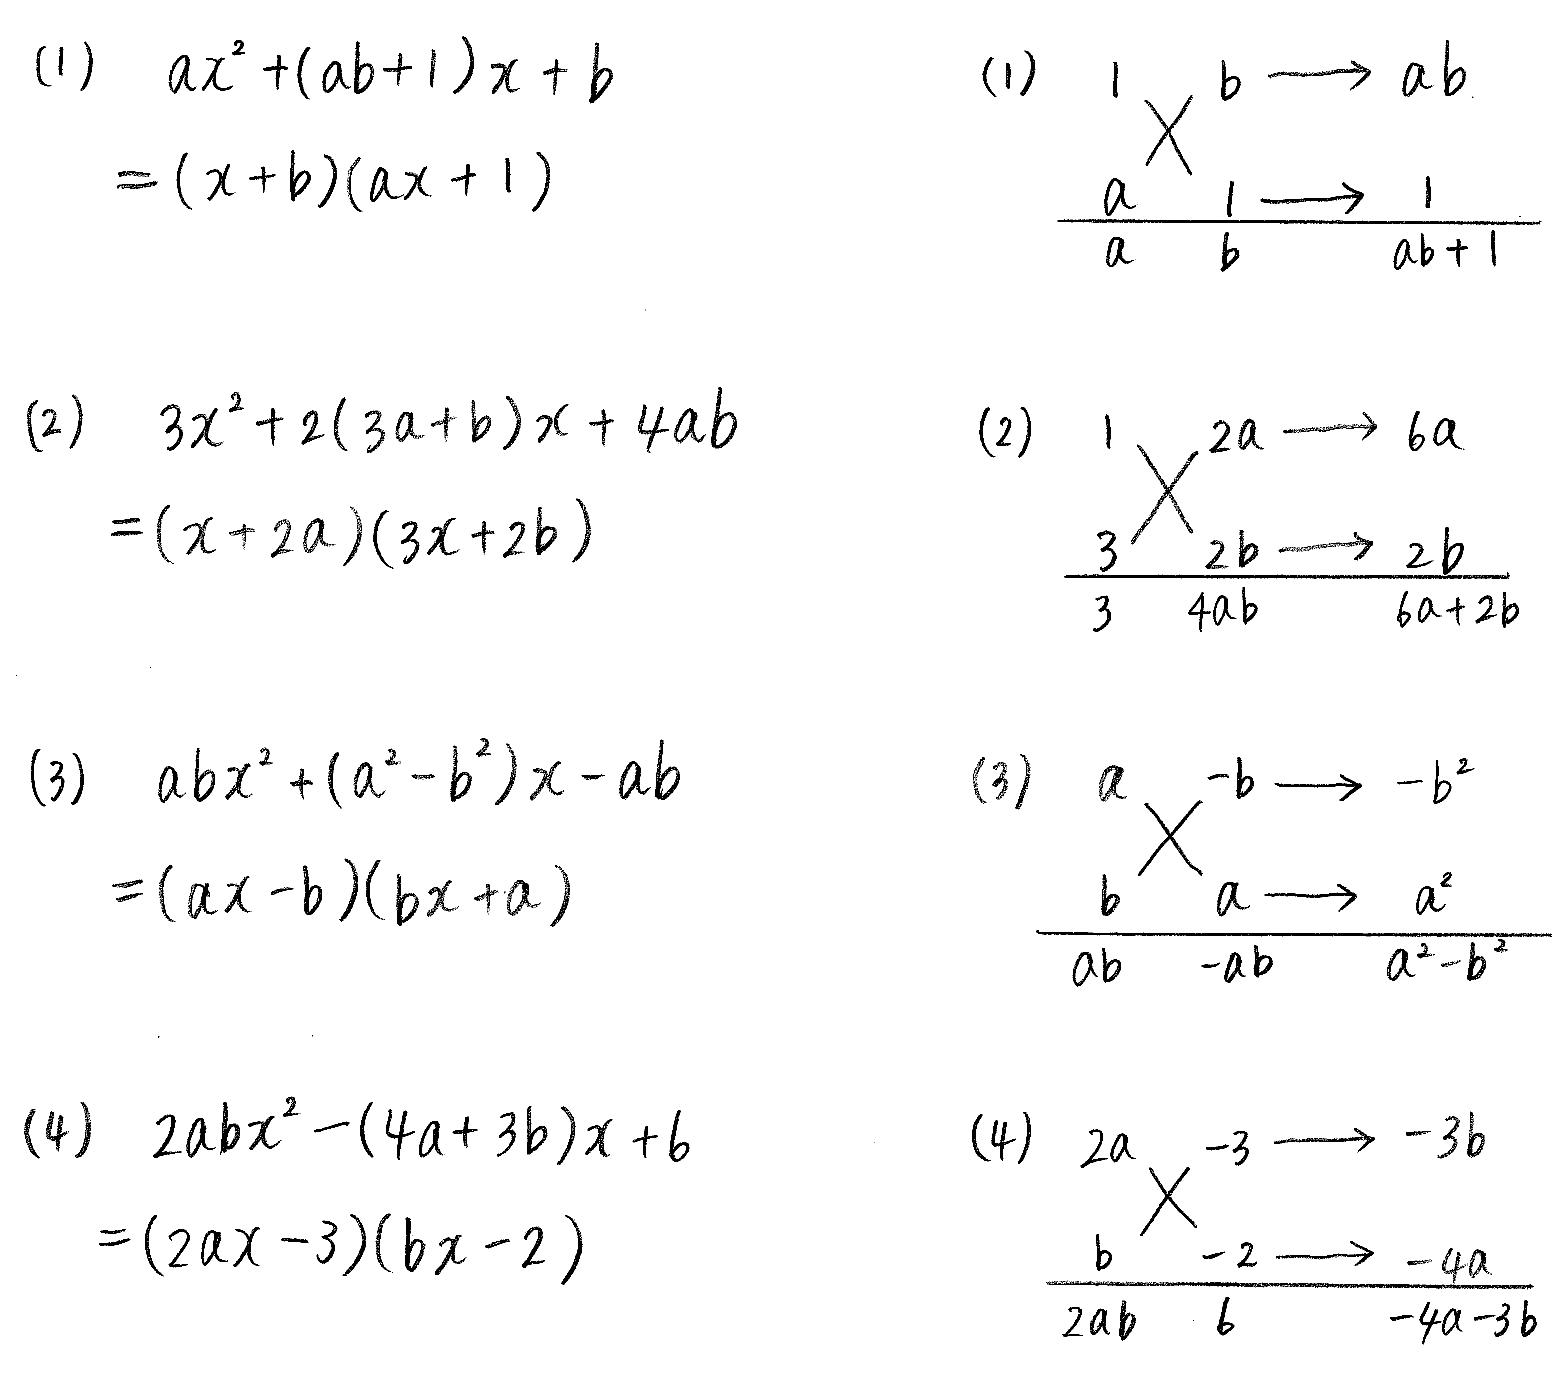 クリアー数学1-49解答